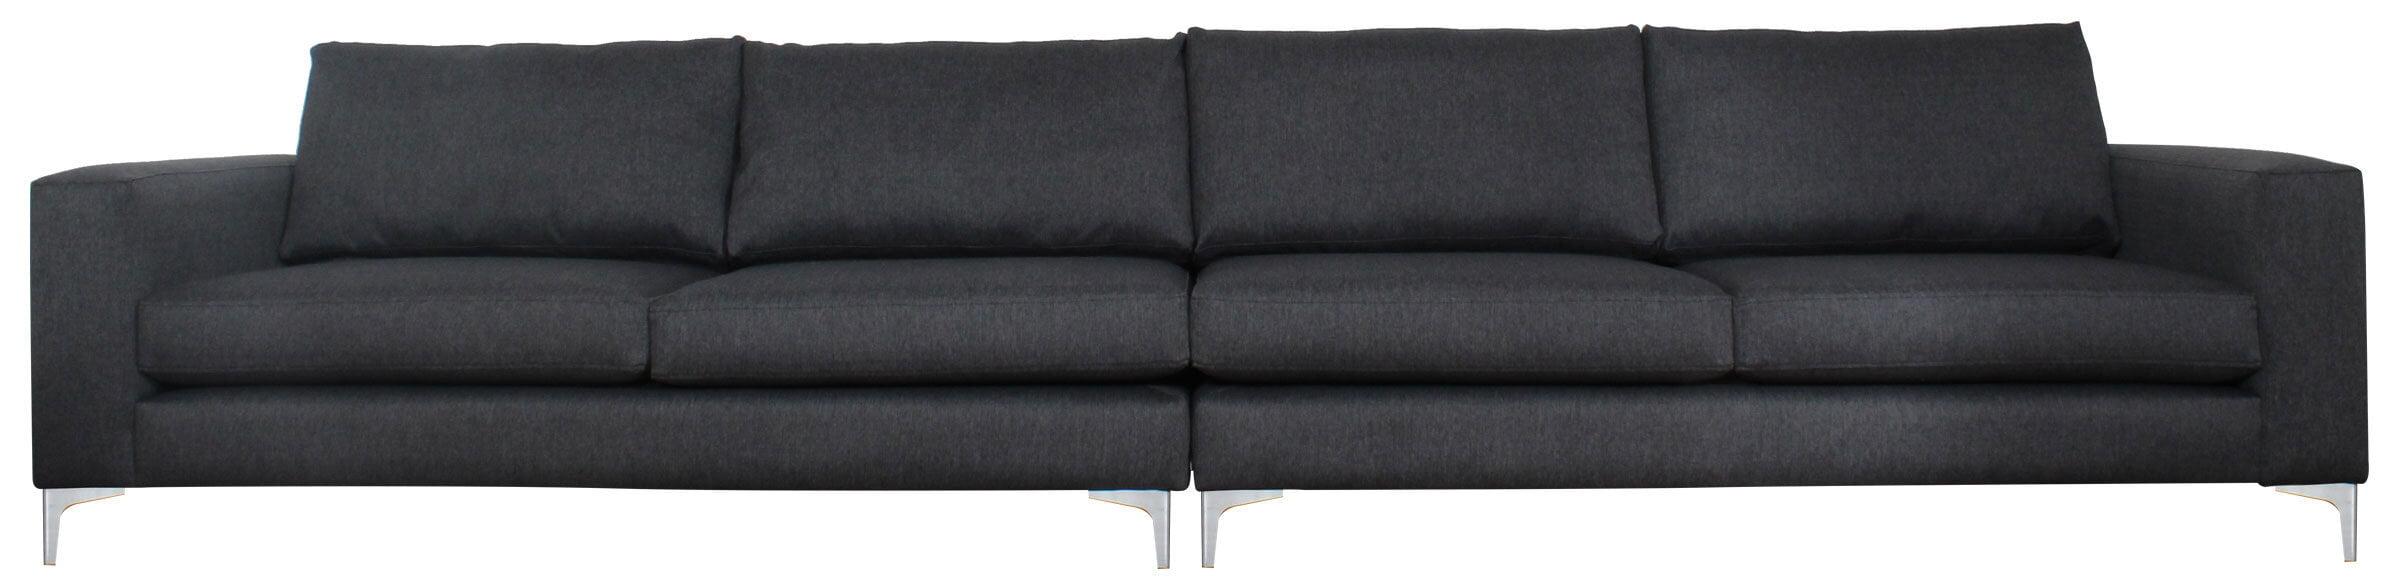 Sofa 4c Xsd